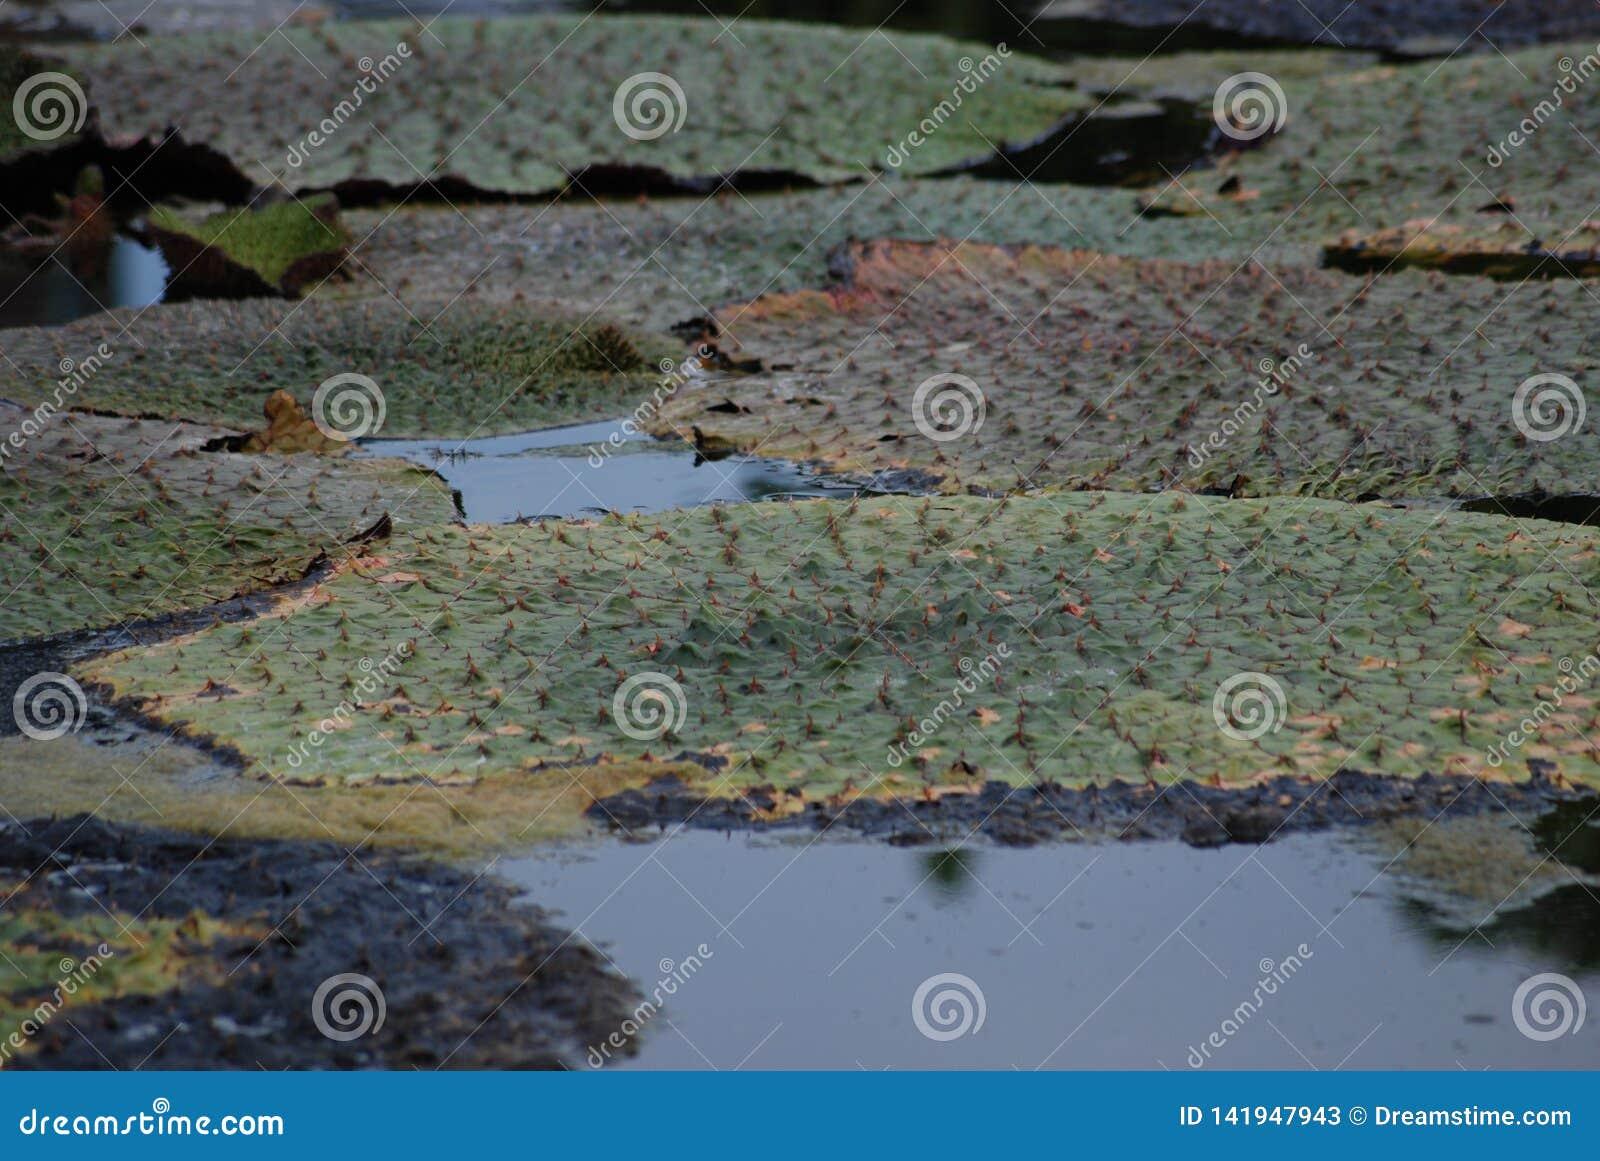 Agua espinosa Lily Euryale Leaves Floating en la charca